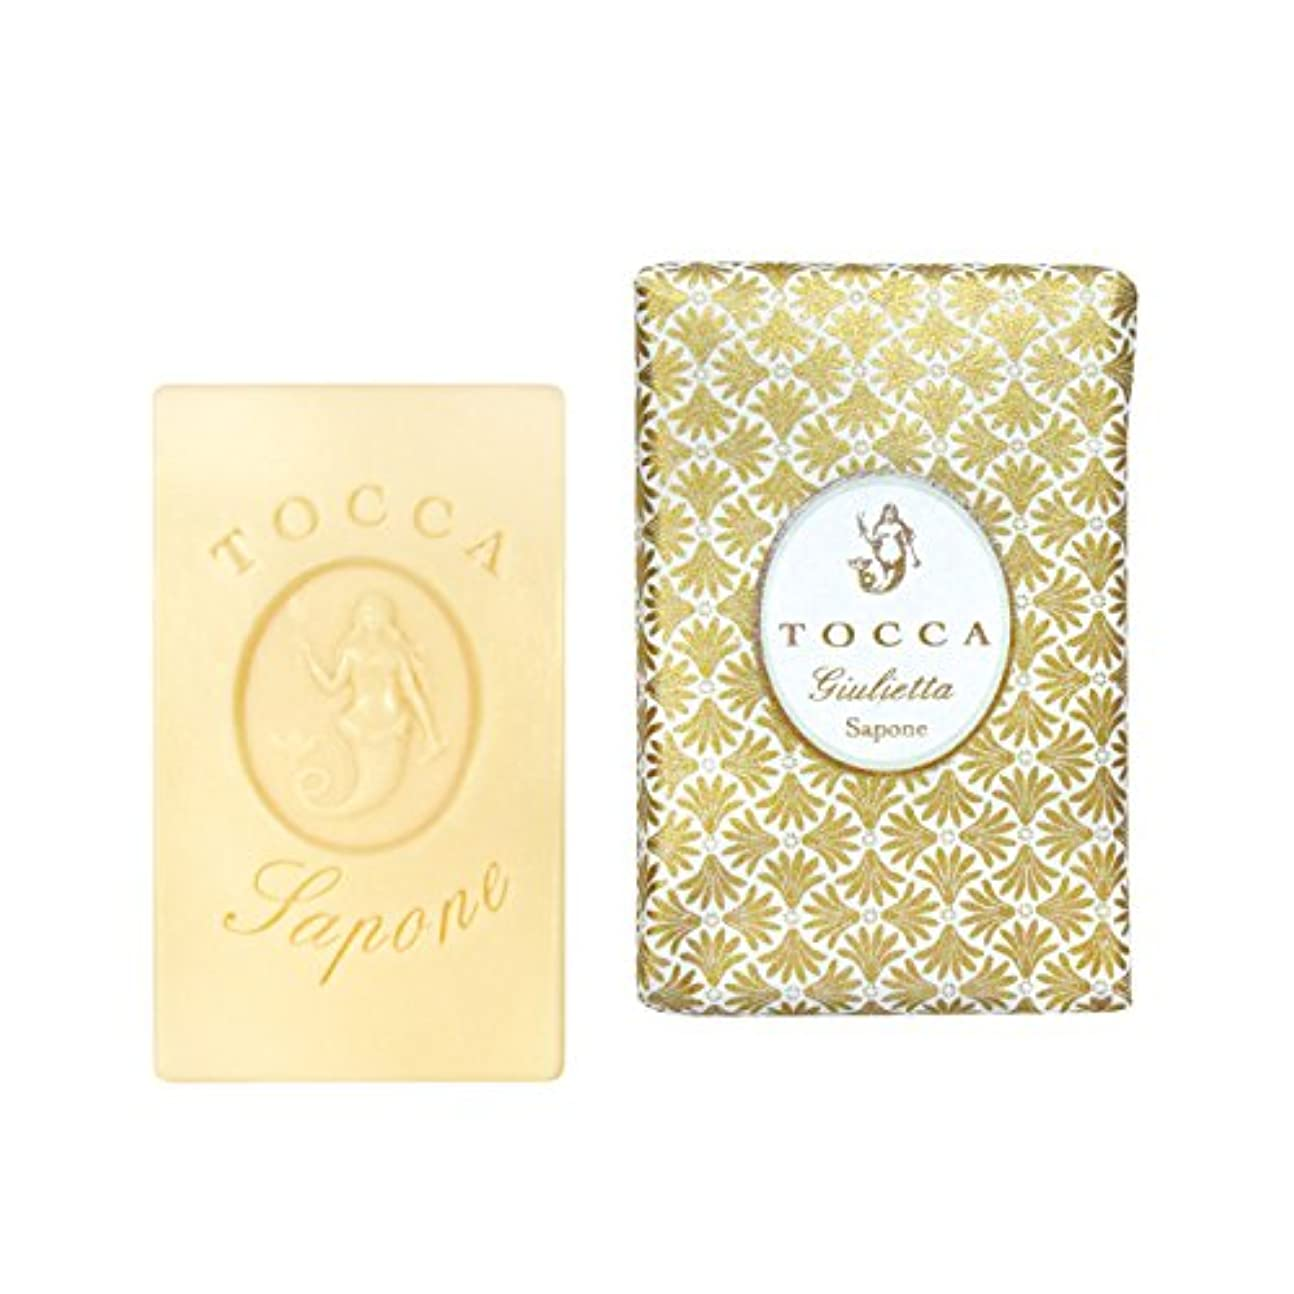 ヒゲ法廷気球トッカ(TOCCA) ソープバー ジュリエッタの香り 113g(化粧石けん ピンクチューリップとグリーンアップルの爽やかで甘い香り)